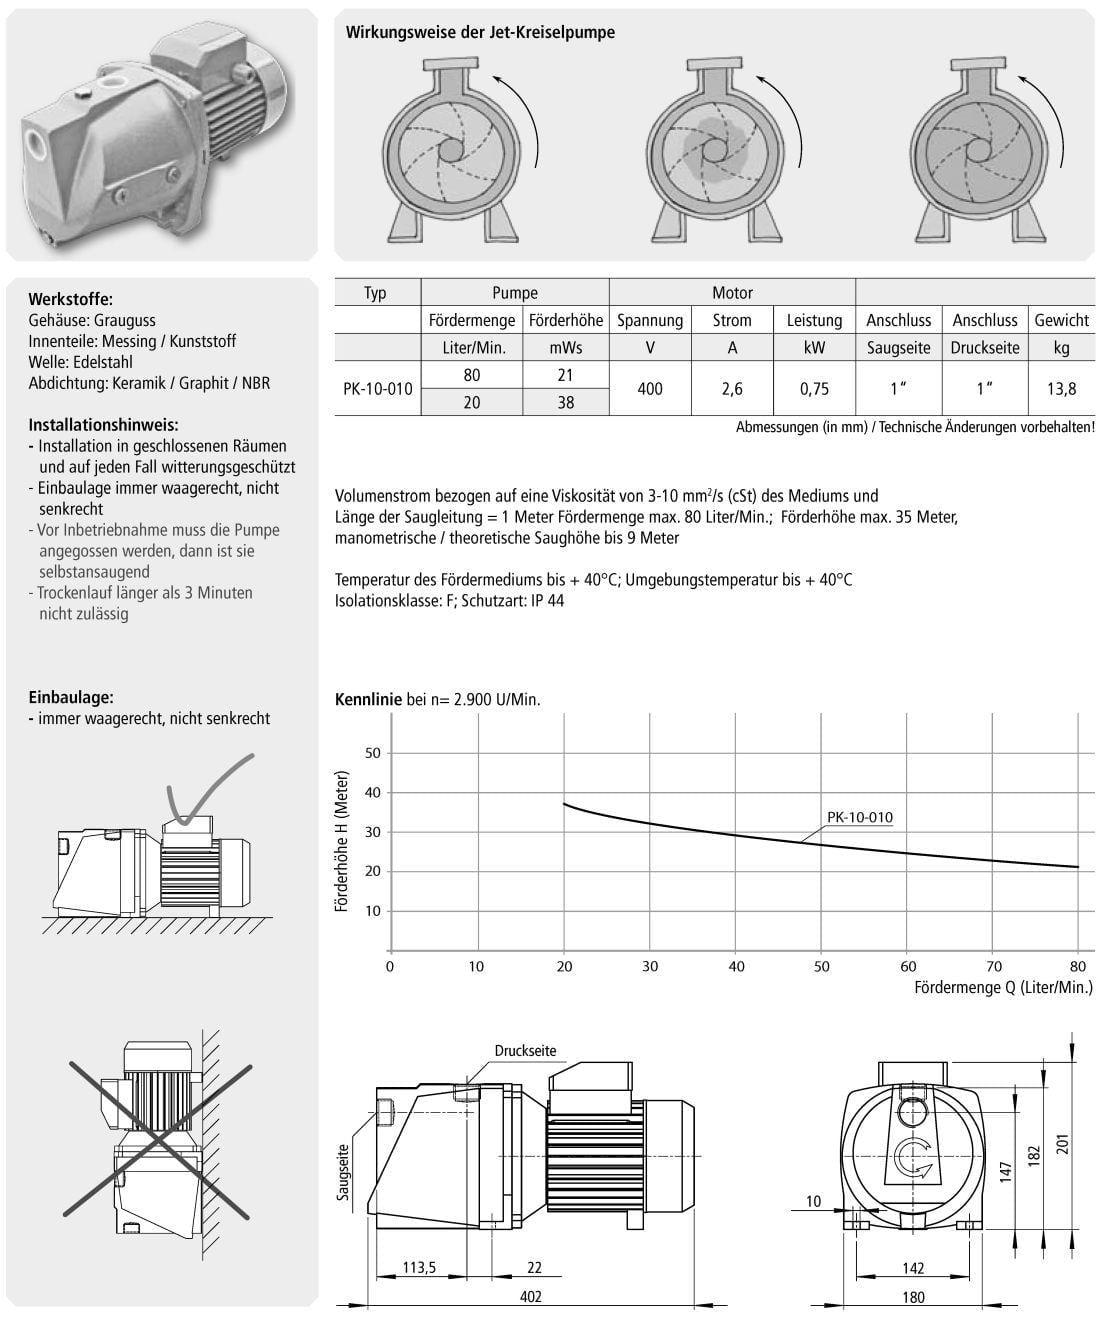 Jet-Kreiselpumpe-Wirkungsweise